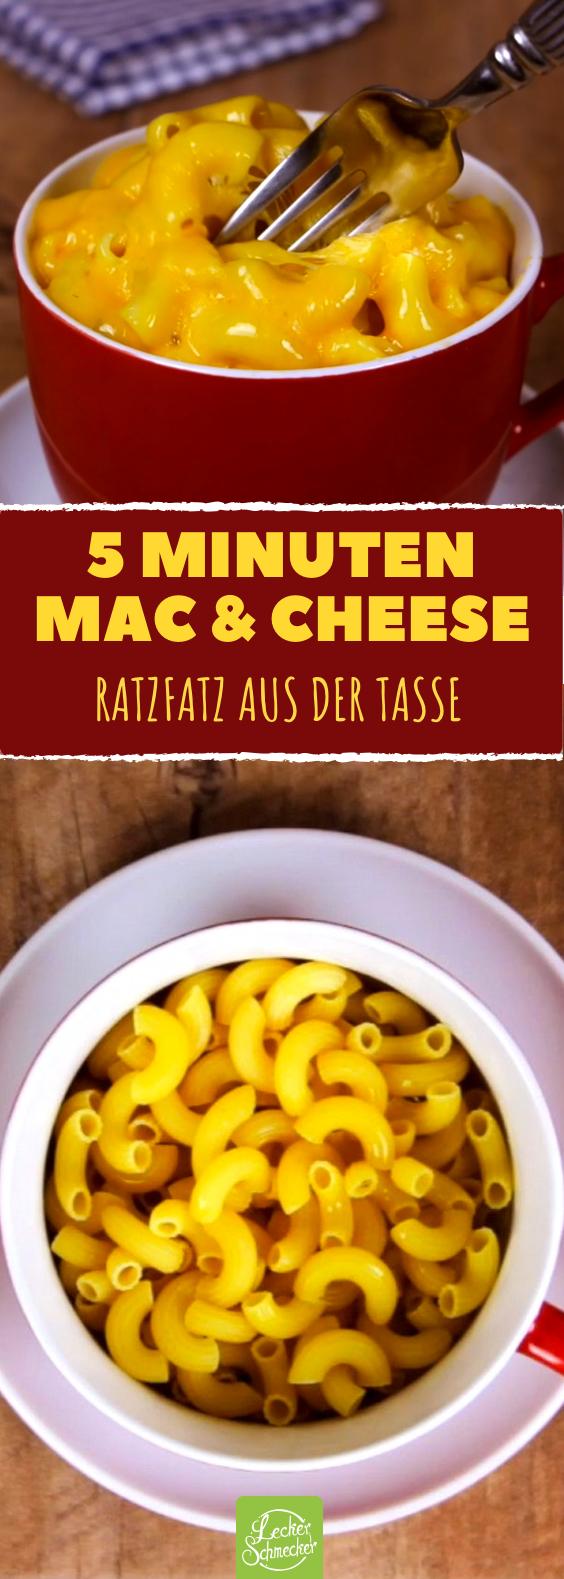 Mac and Cheese Pasta als super schnelles Tassen Rezept aus der Mikrowelle